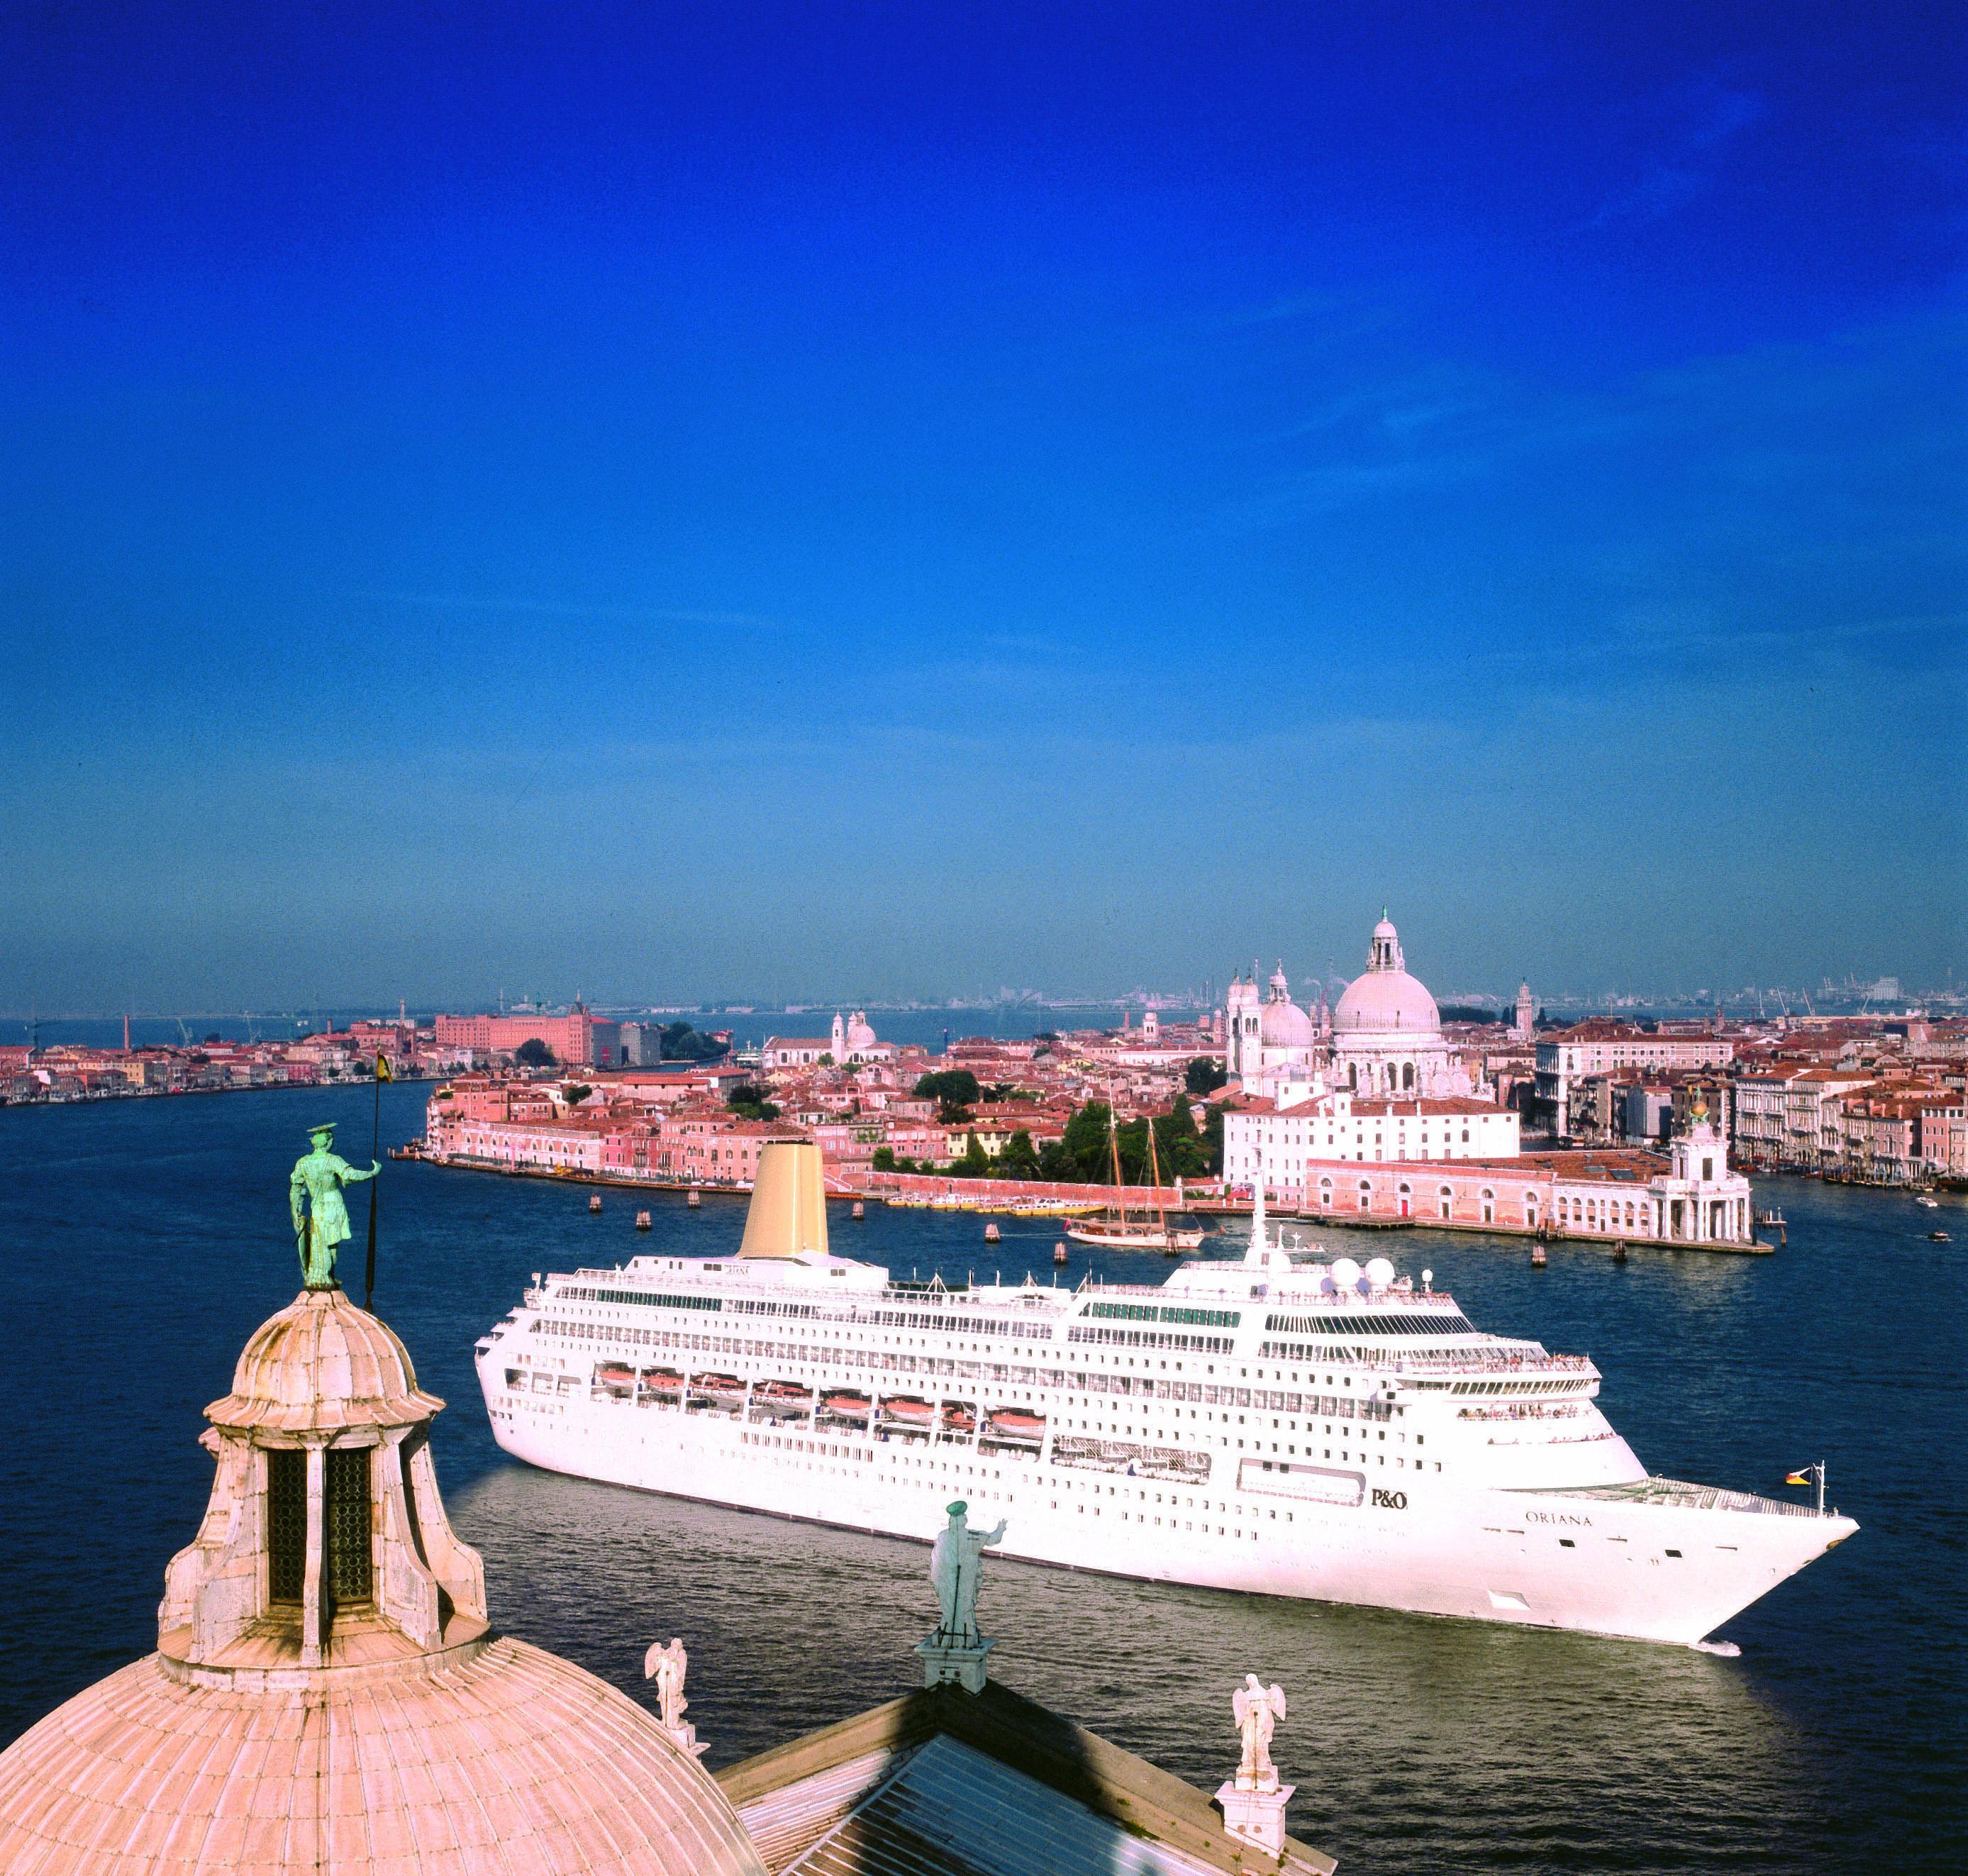 PO Oriana In Venice P O Line Pinterest Cruises Cruise - Compare cruise prices